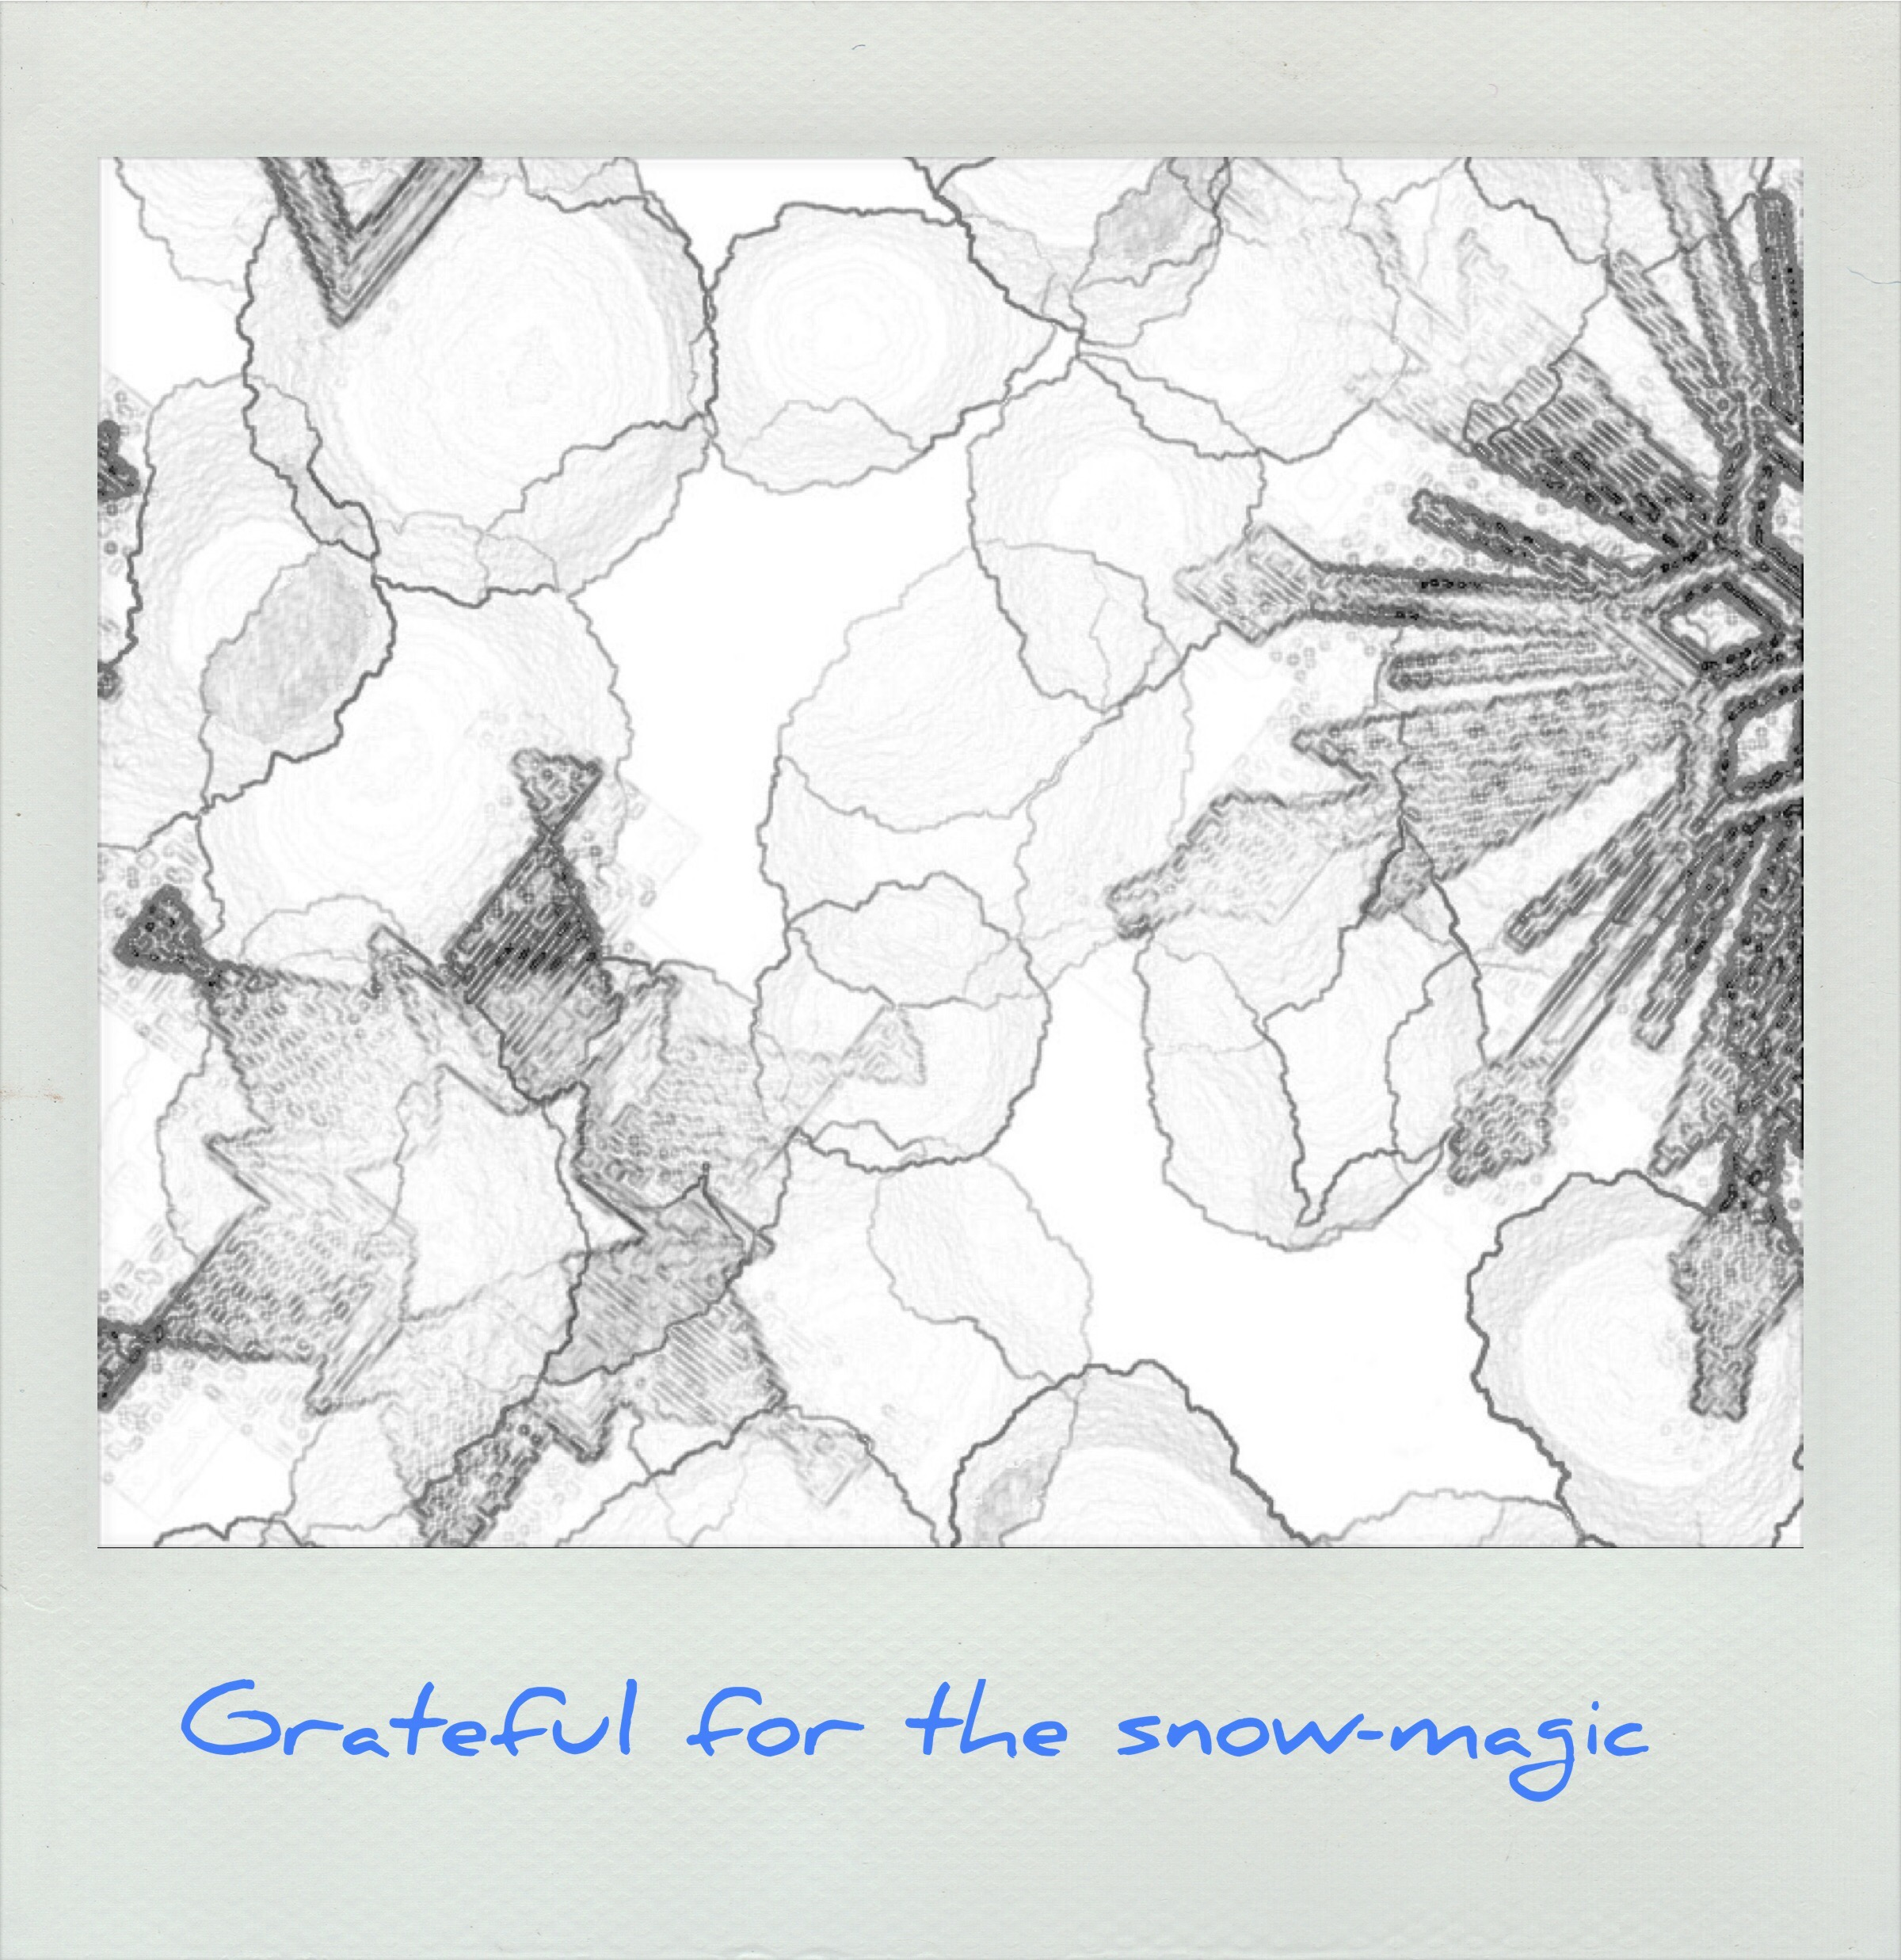 Grateful for snow magic